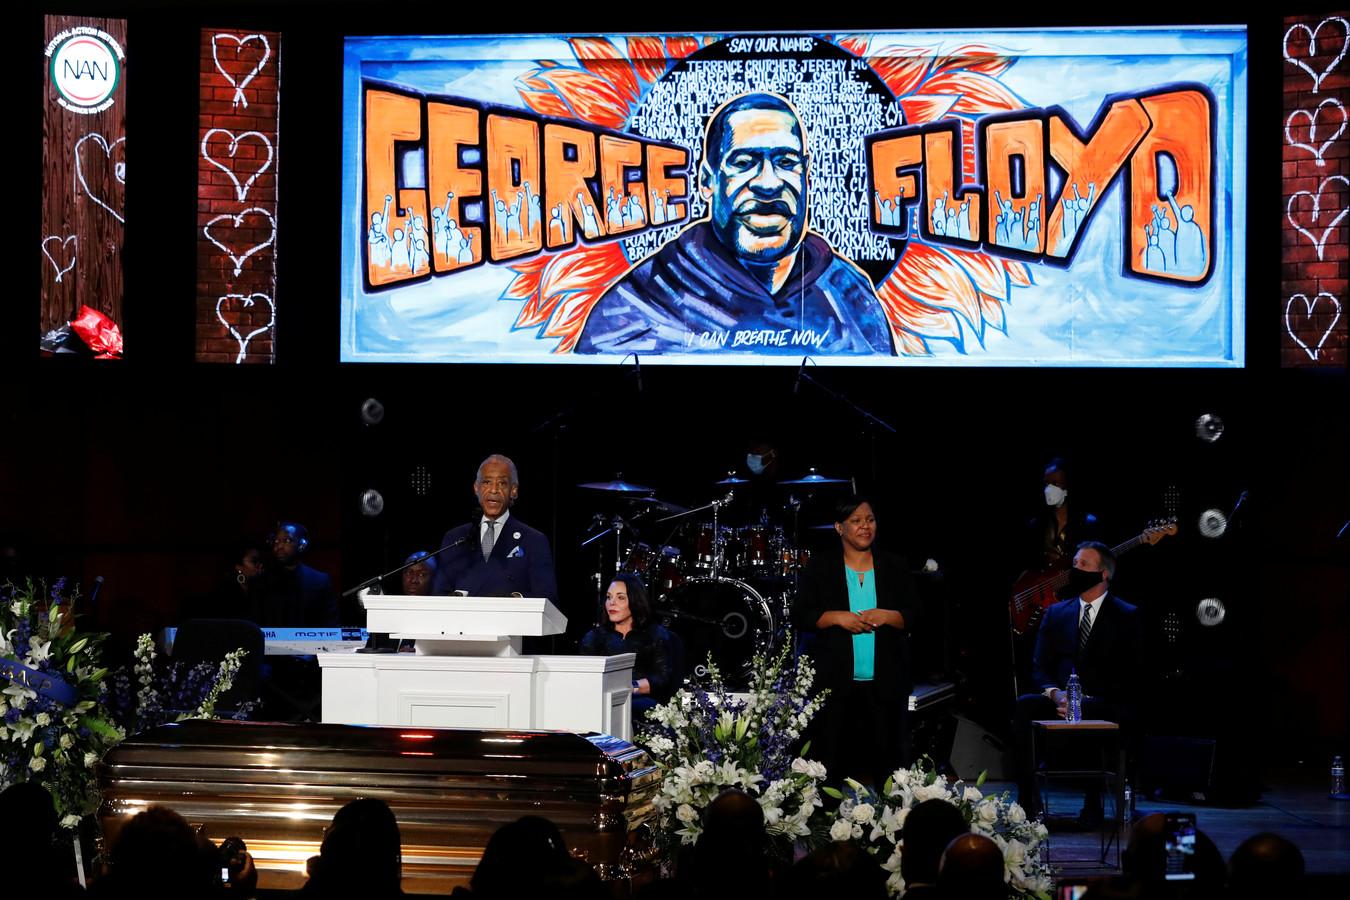 Eerwaarde Al Sharpton spreekt tijdens de herdenkingsdienst voor Al Sharpton.